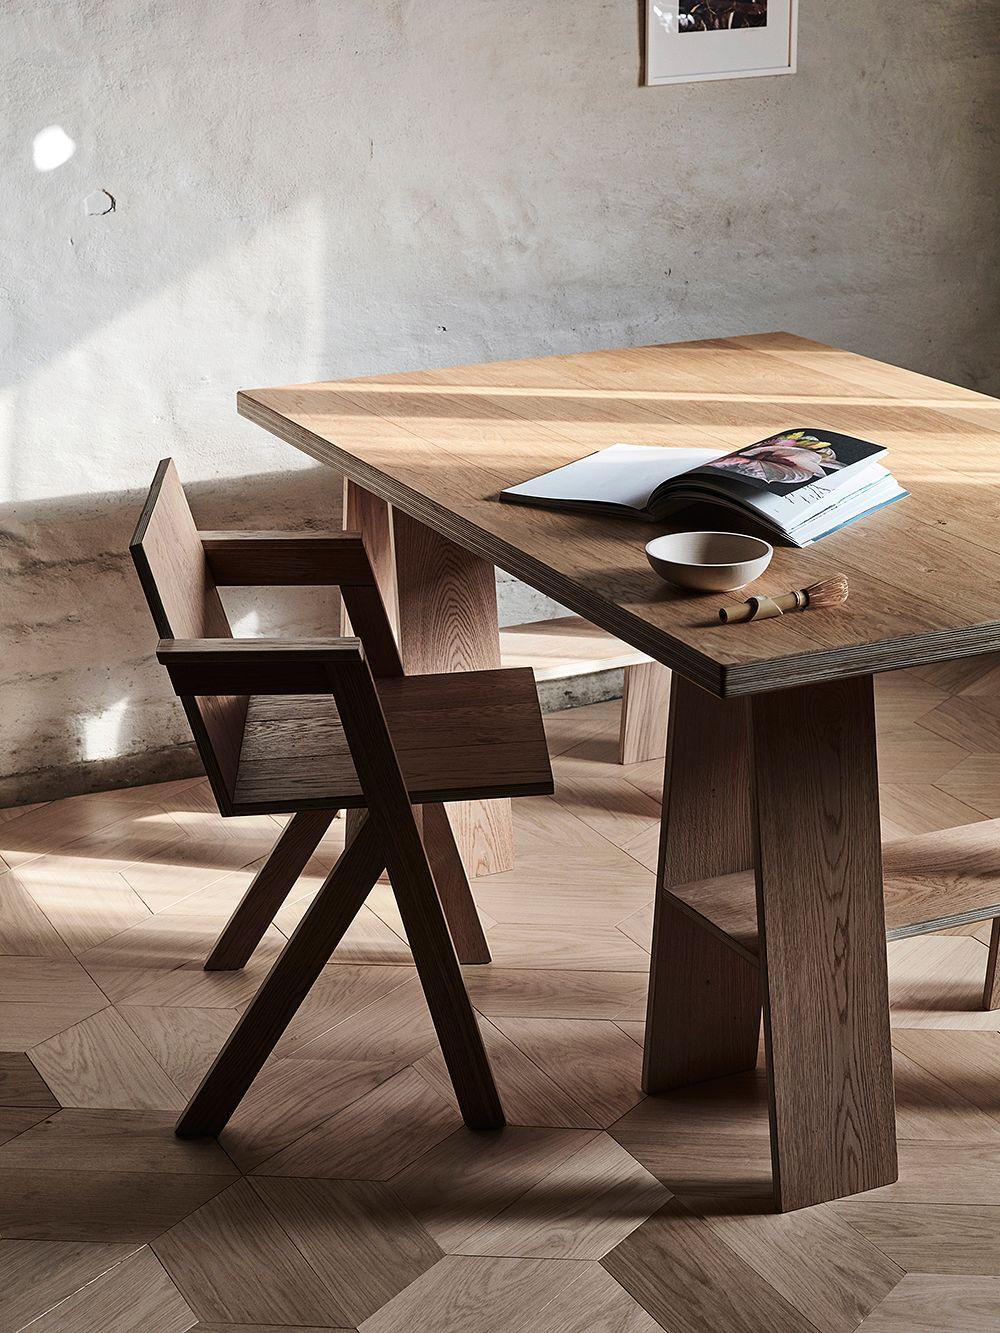 Helsinki Design Week: DesignPartners19